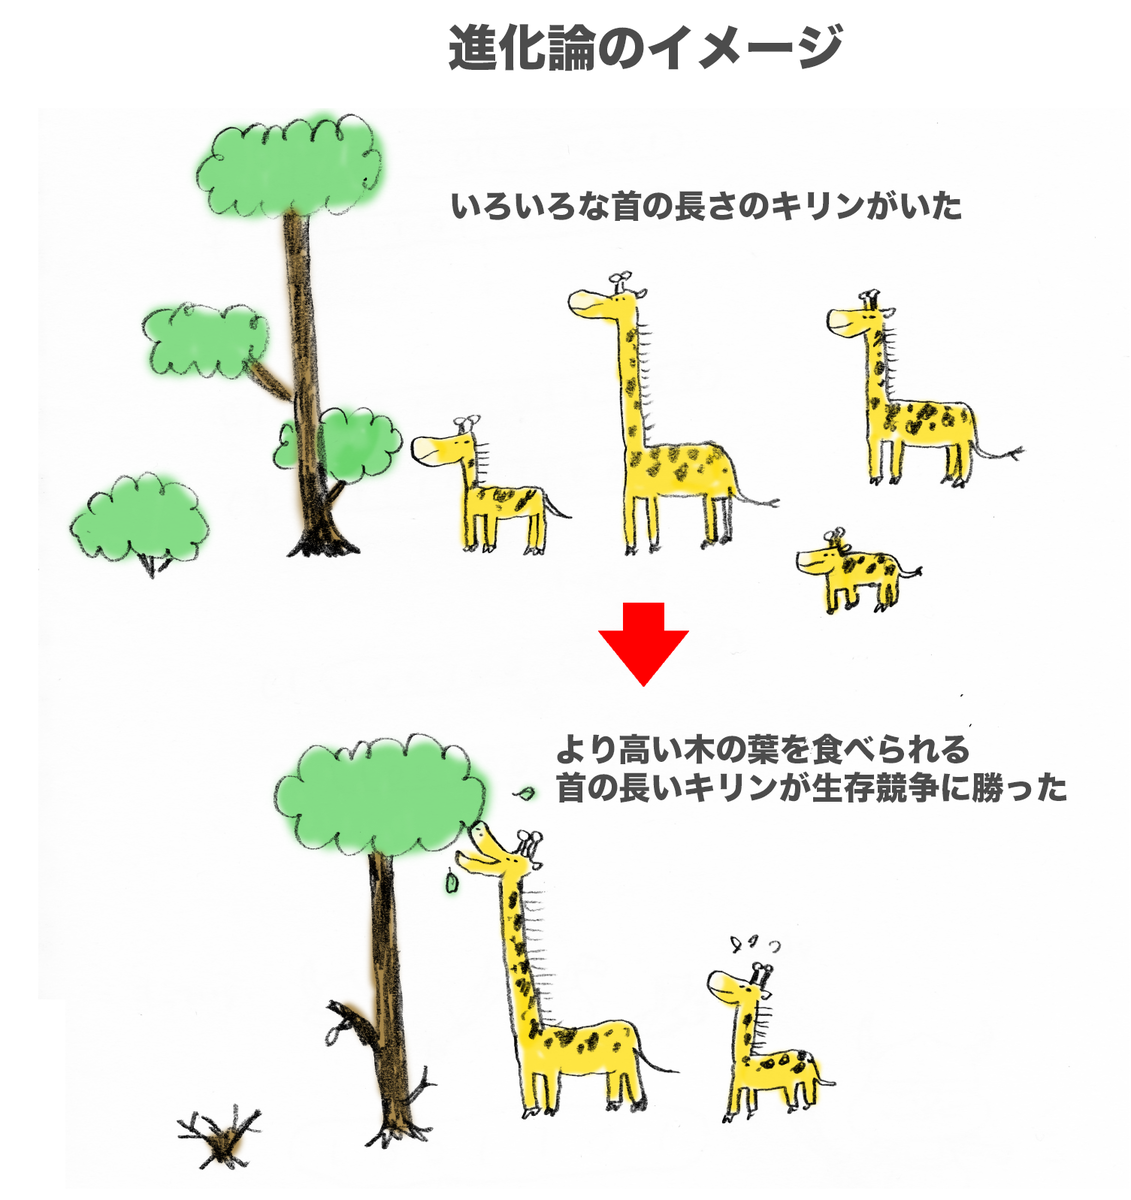 f:id:morika-wa:20200319030042p:plain